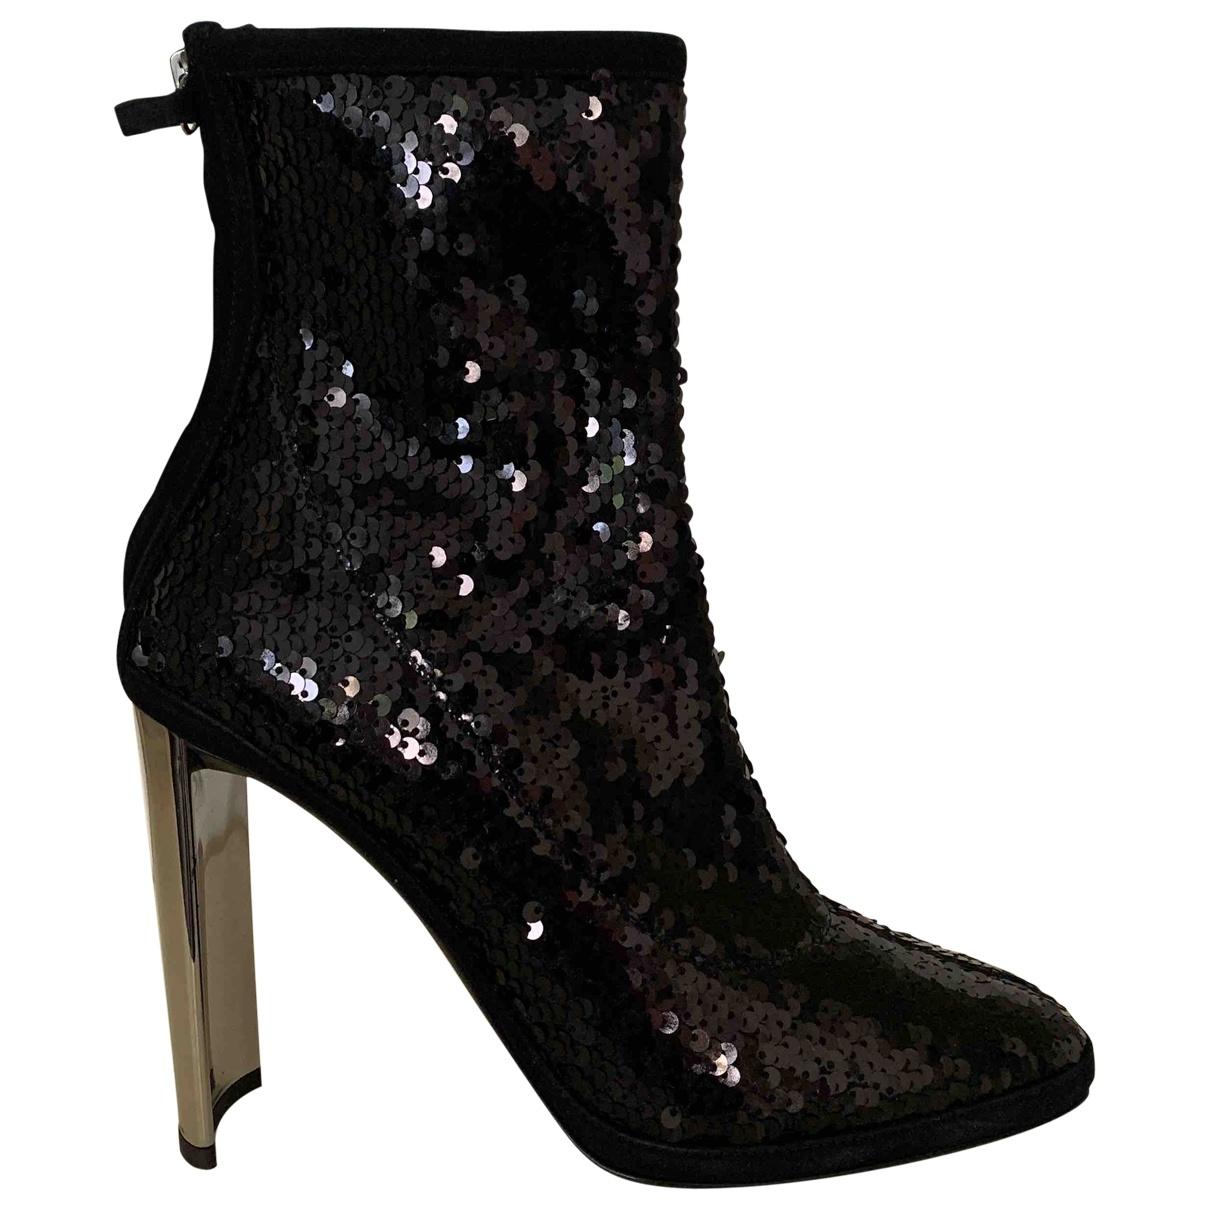 Giuseppe Zanotti - Boots   pour femme en a paillettes - noir